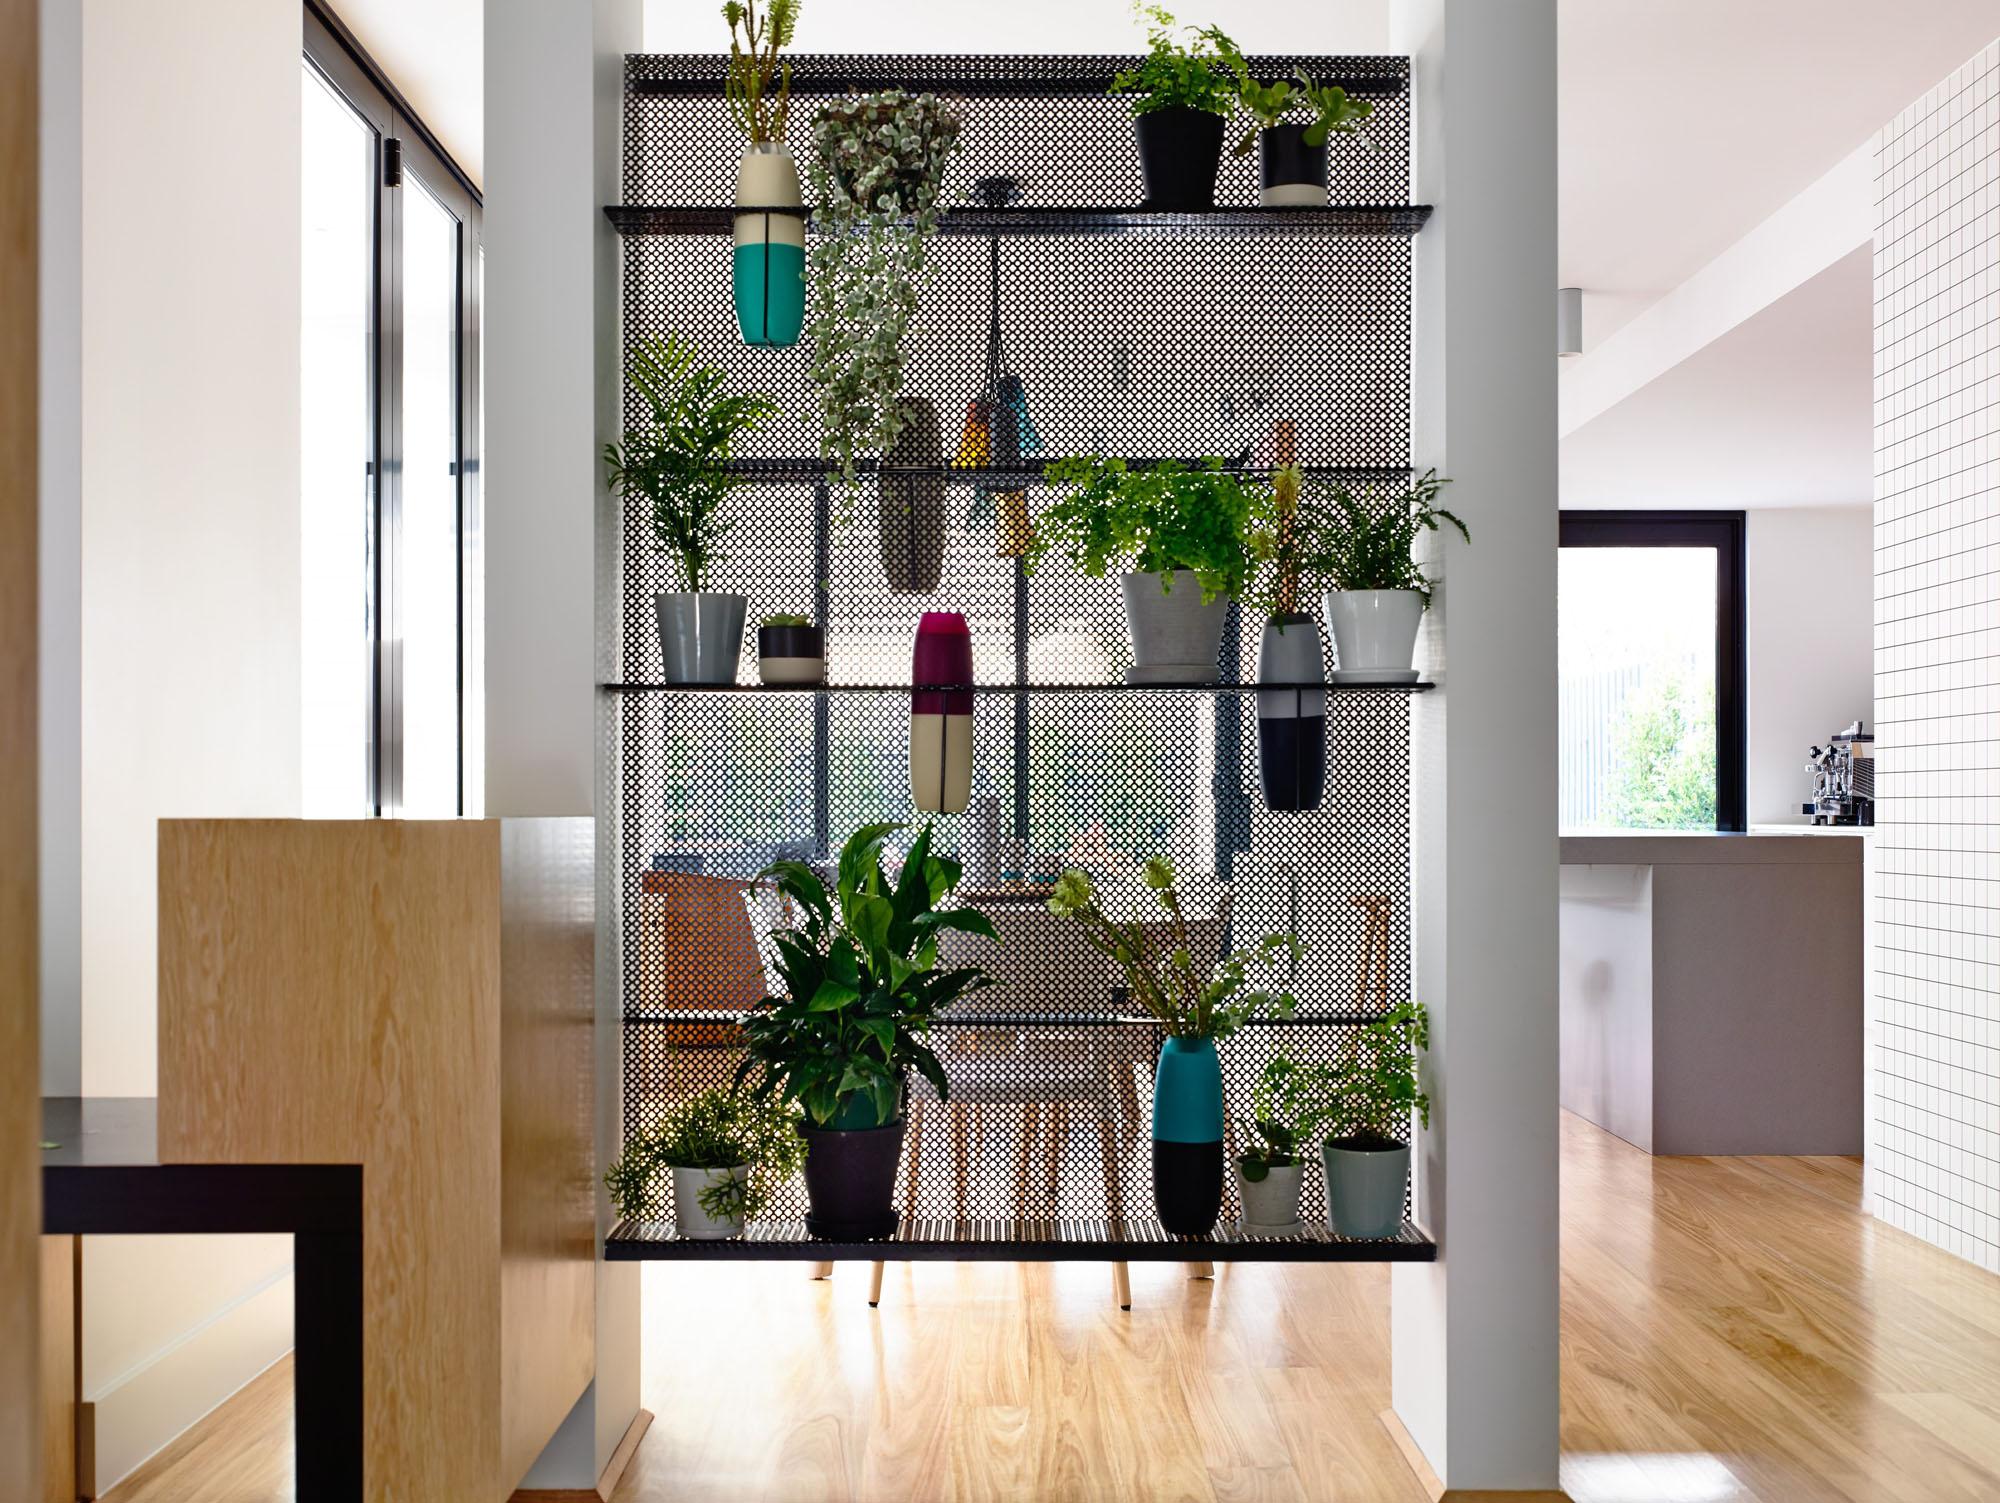 Sandringham-Residence-vertical garden